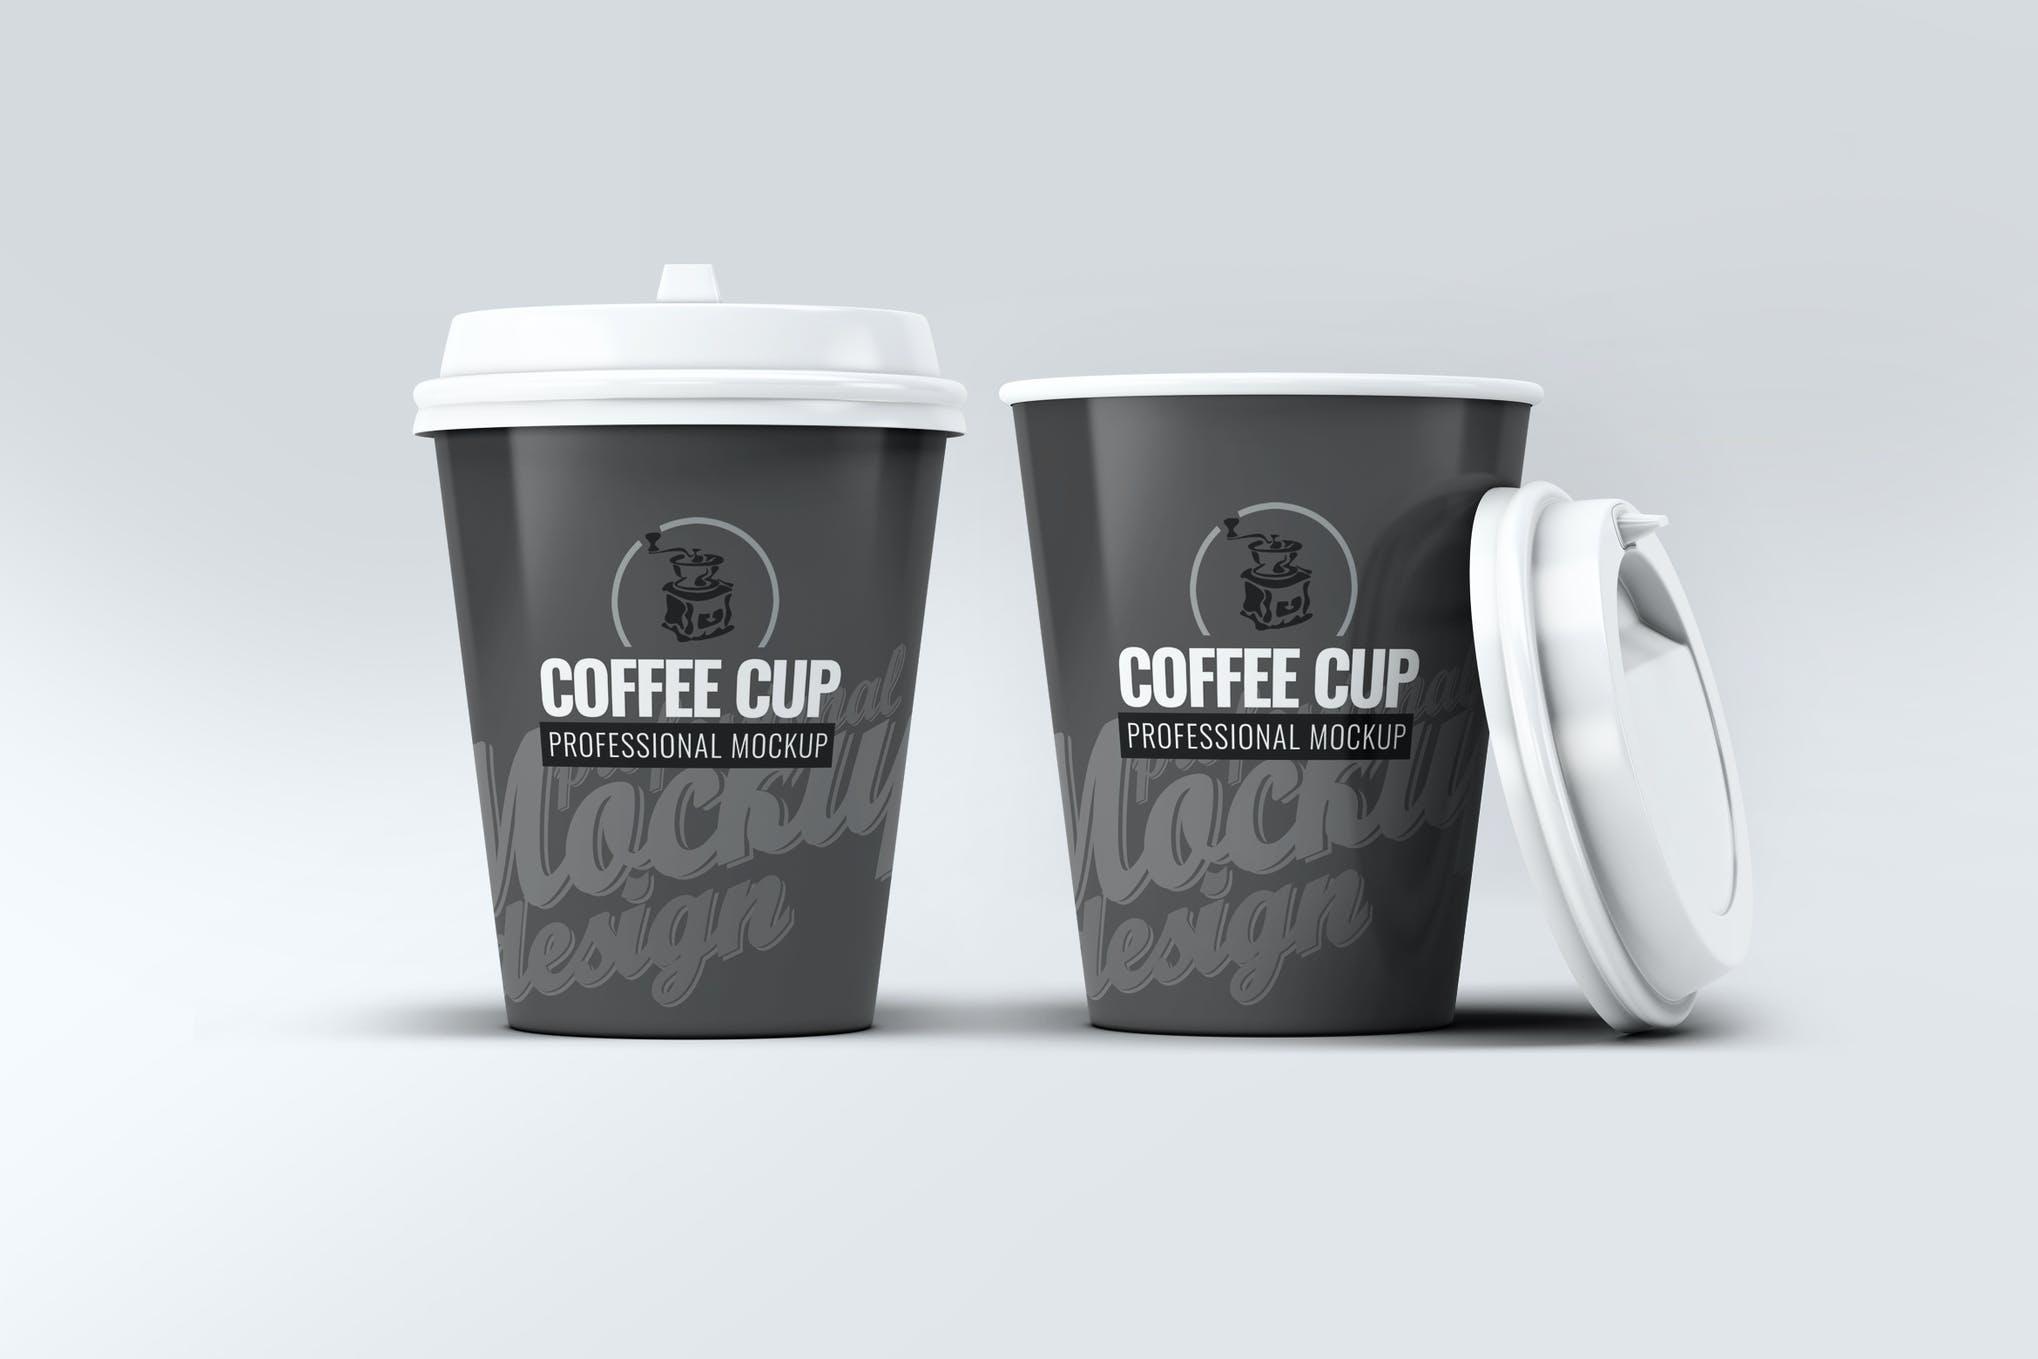 外带咖啡杯样机效果图插图(1)